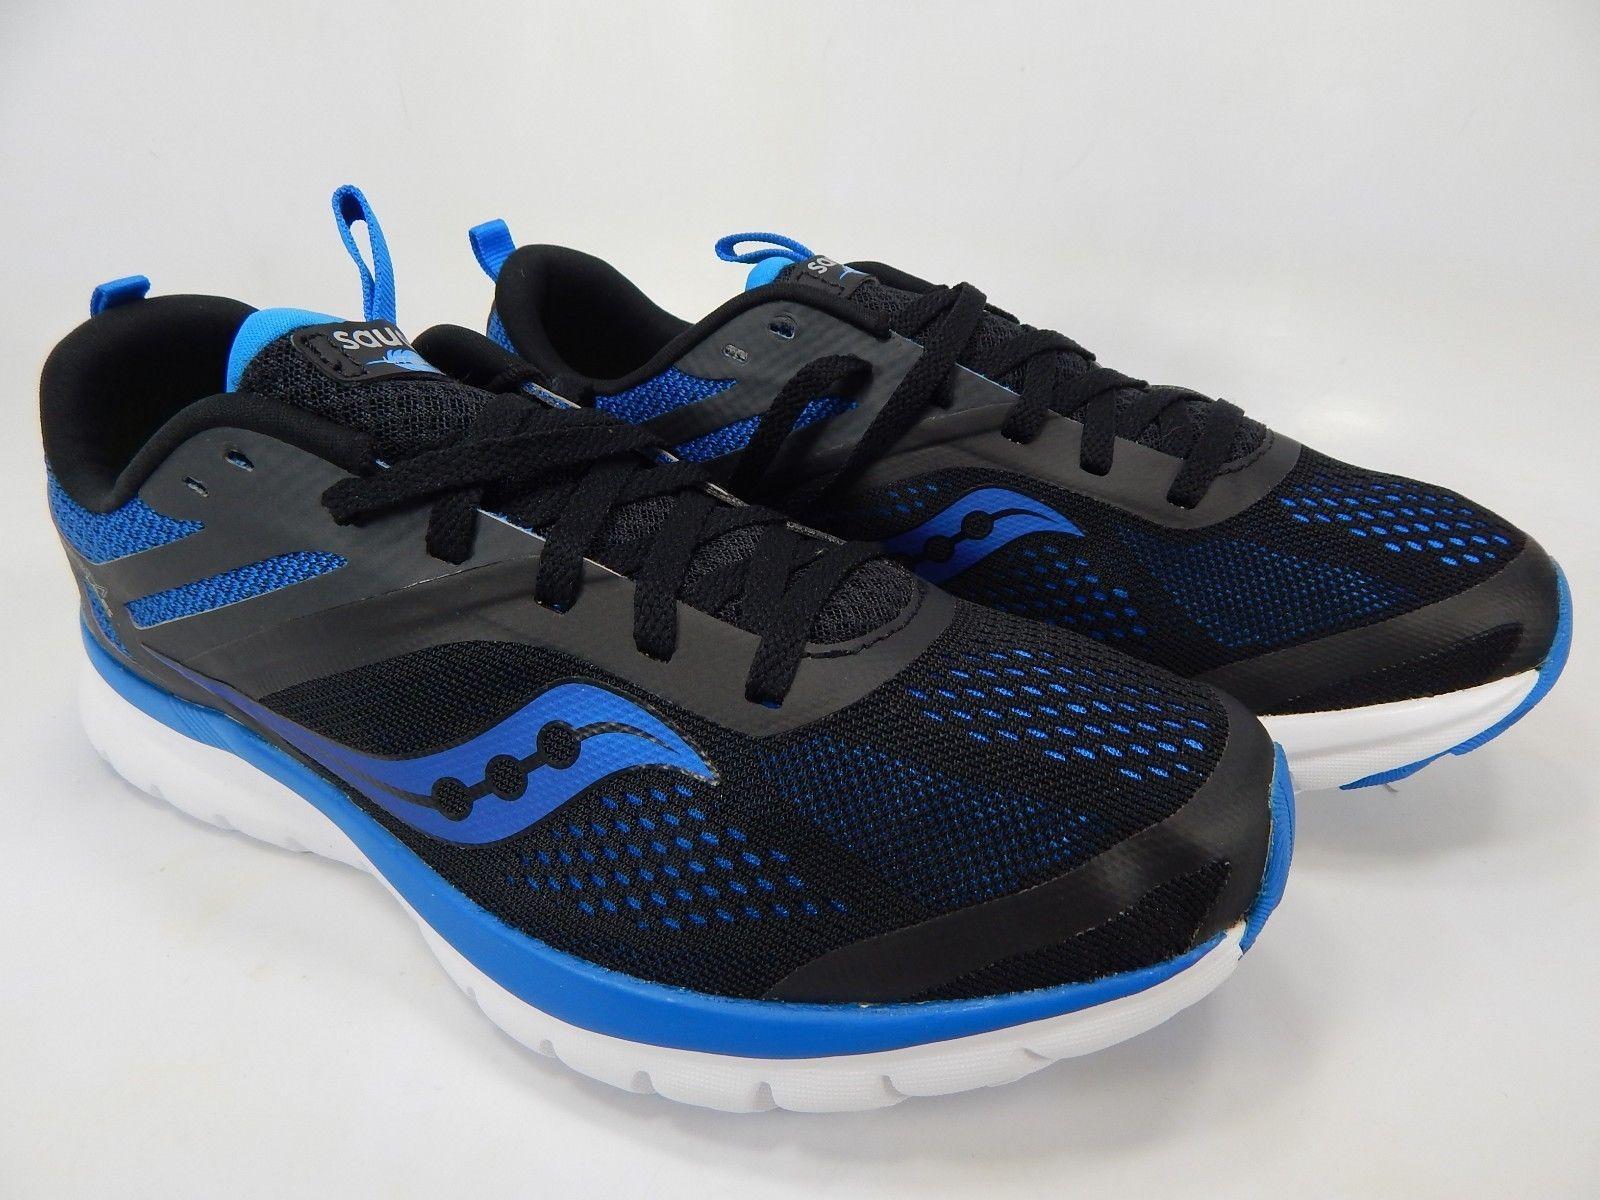 Saucony Liteform Miles Size 9 M (D) EU 42.5 Men's Running Shoes Blue S40007-1